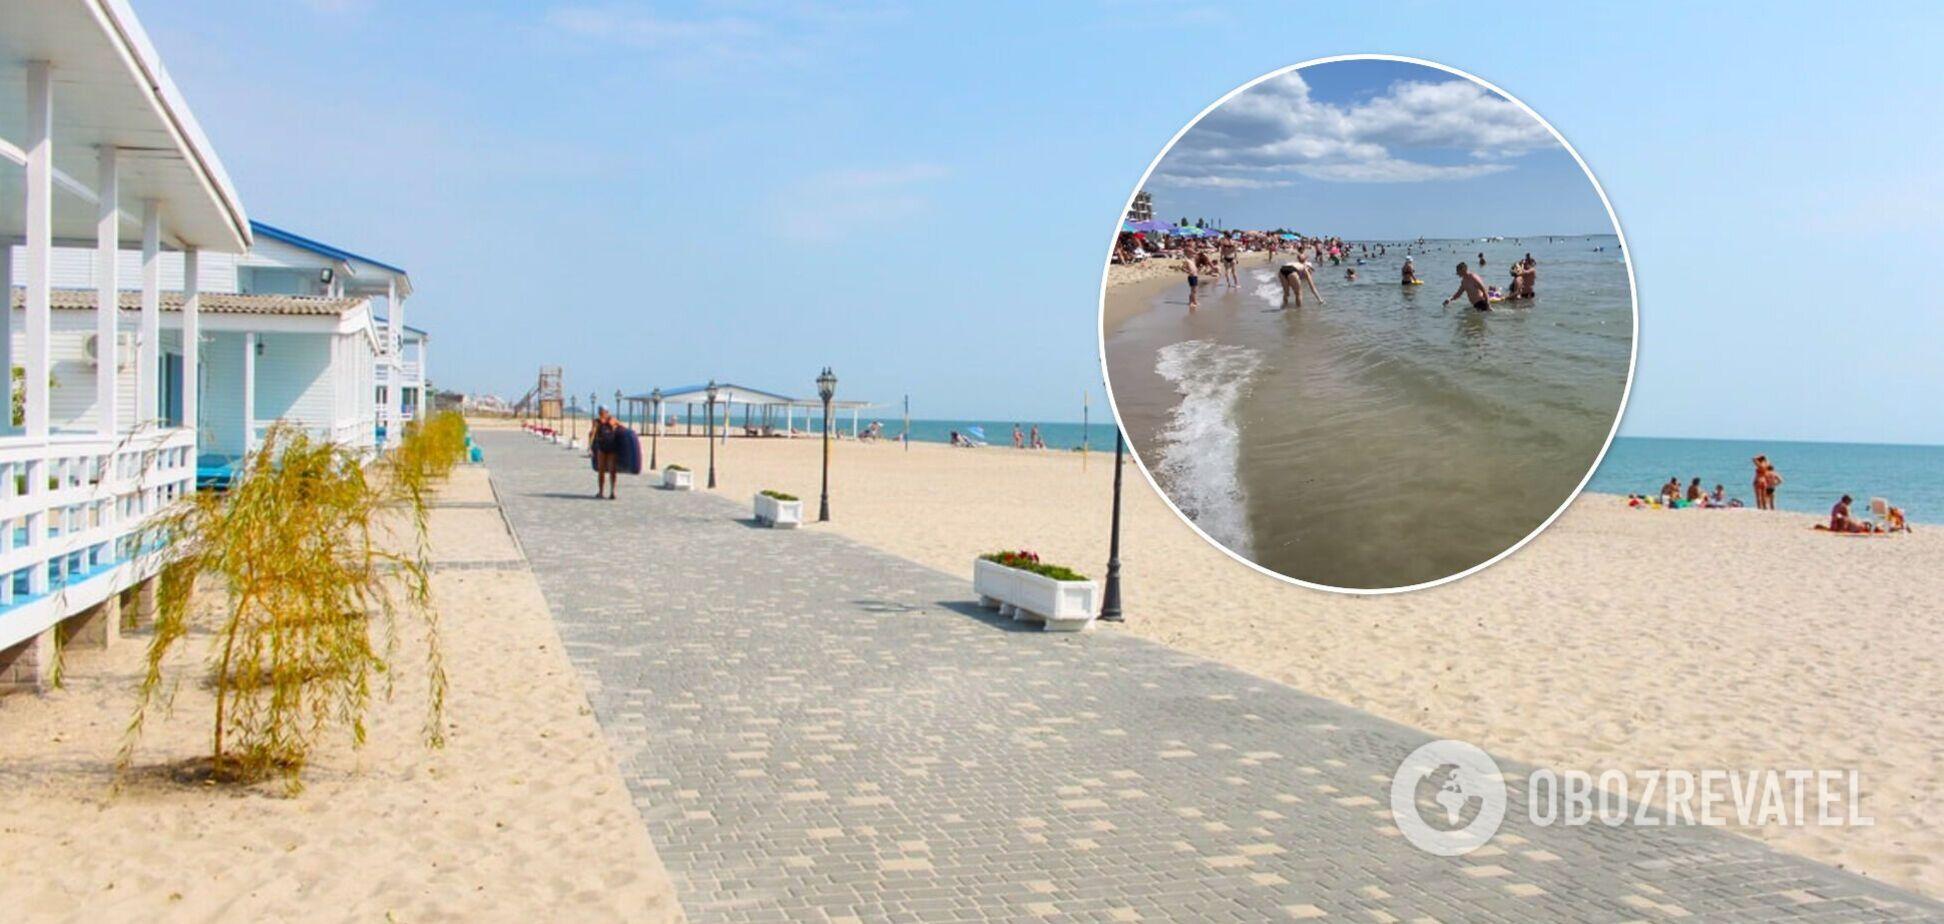 Затока здивувала туристів: вода чиста і тепла, людей багато, а медуз уже немає. Відео